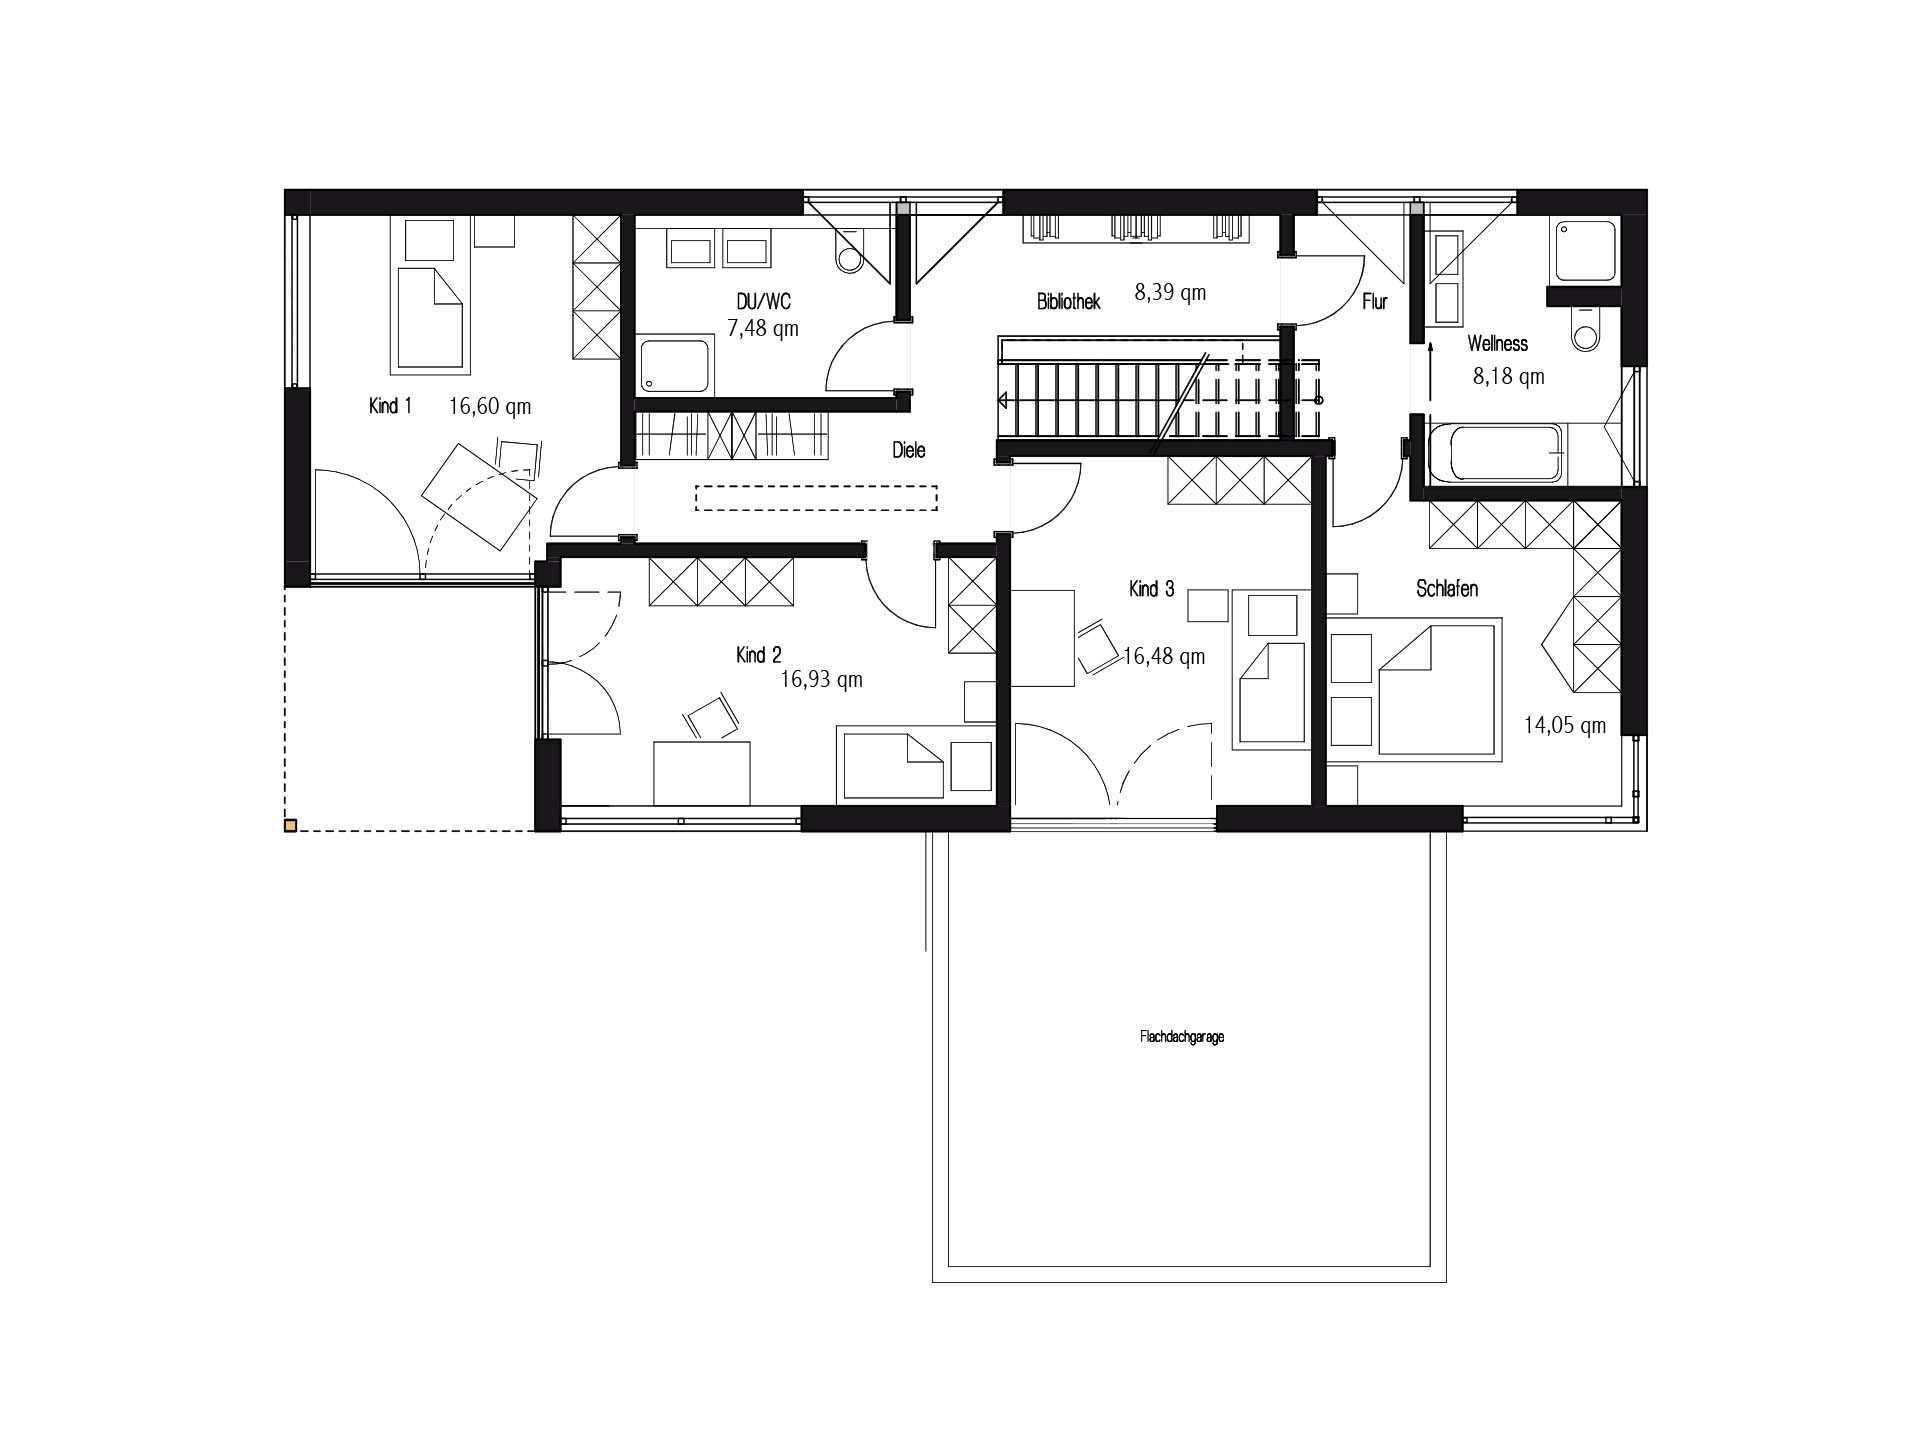 Kundenhaus in Unterfranken - Eine Nahaufnahme von einem Logo - Gebäudeplan